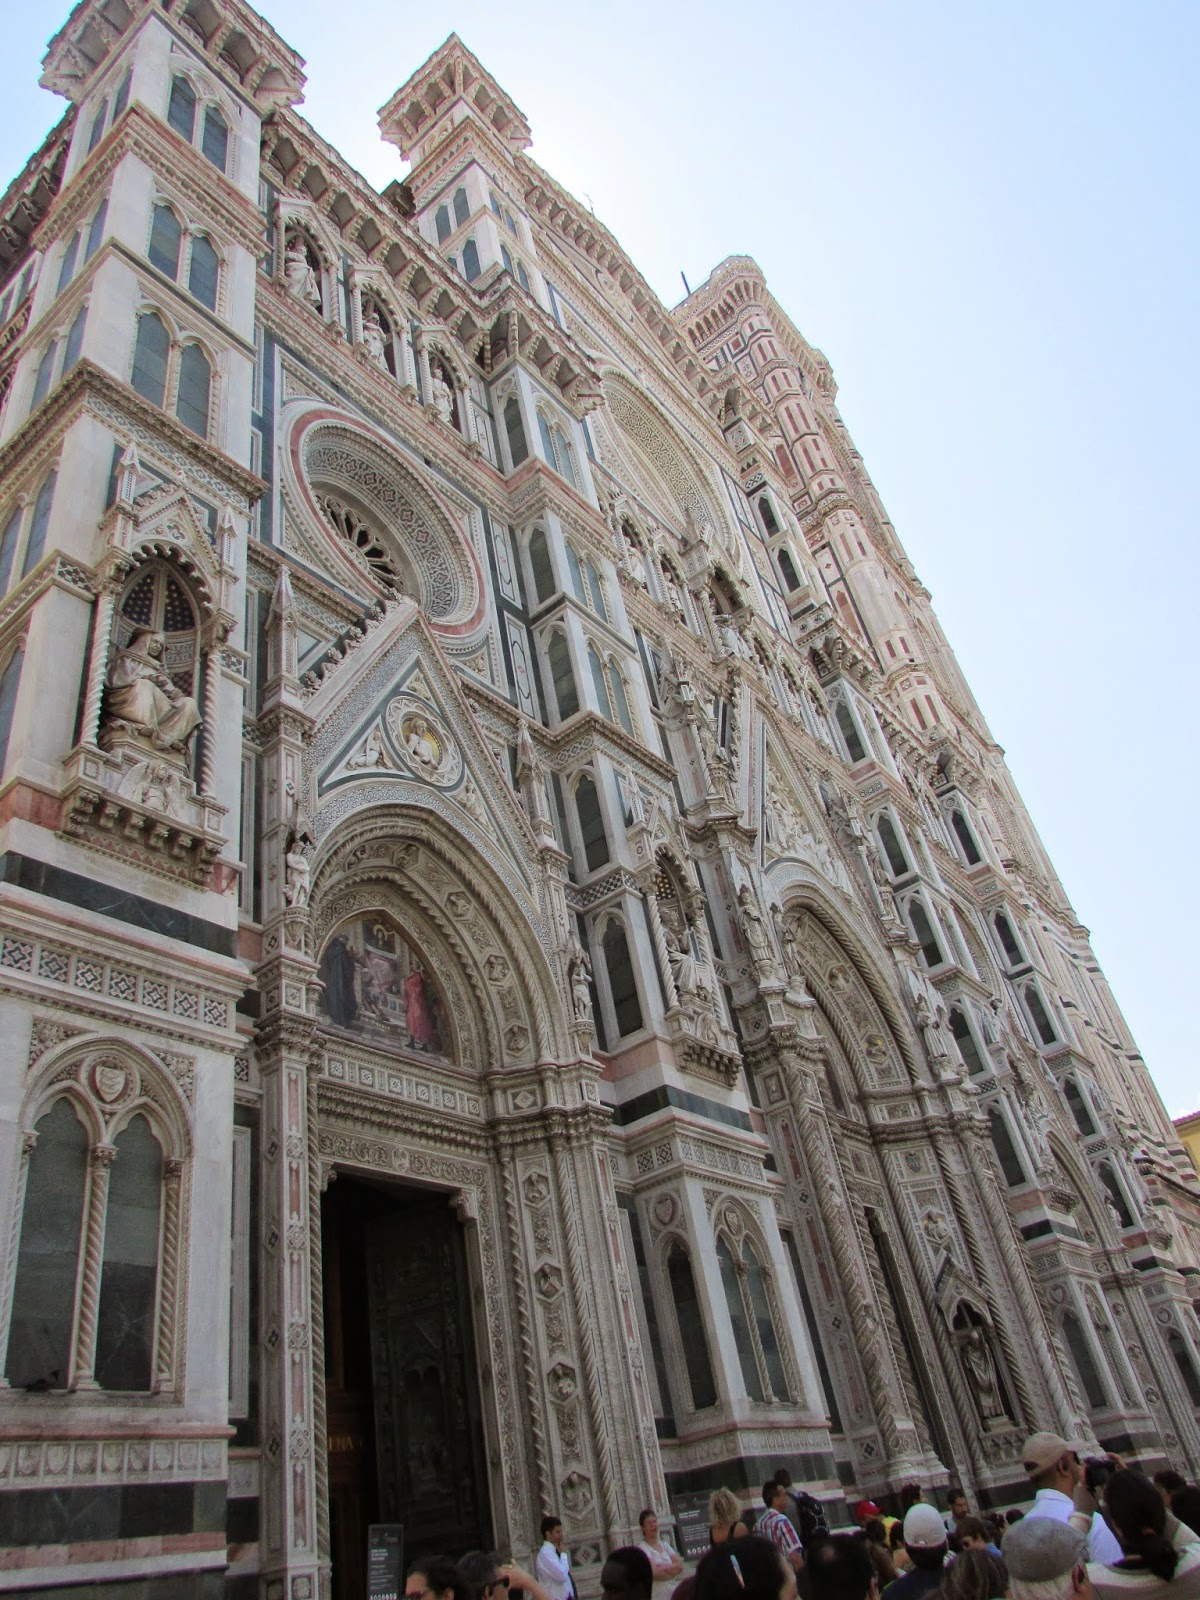 Itália, Florença, Firenze, Europa, férias, dicas, turismo, Florence, duomo, catedral